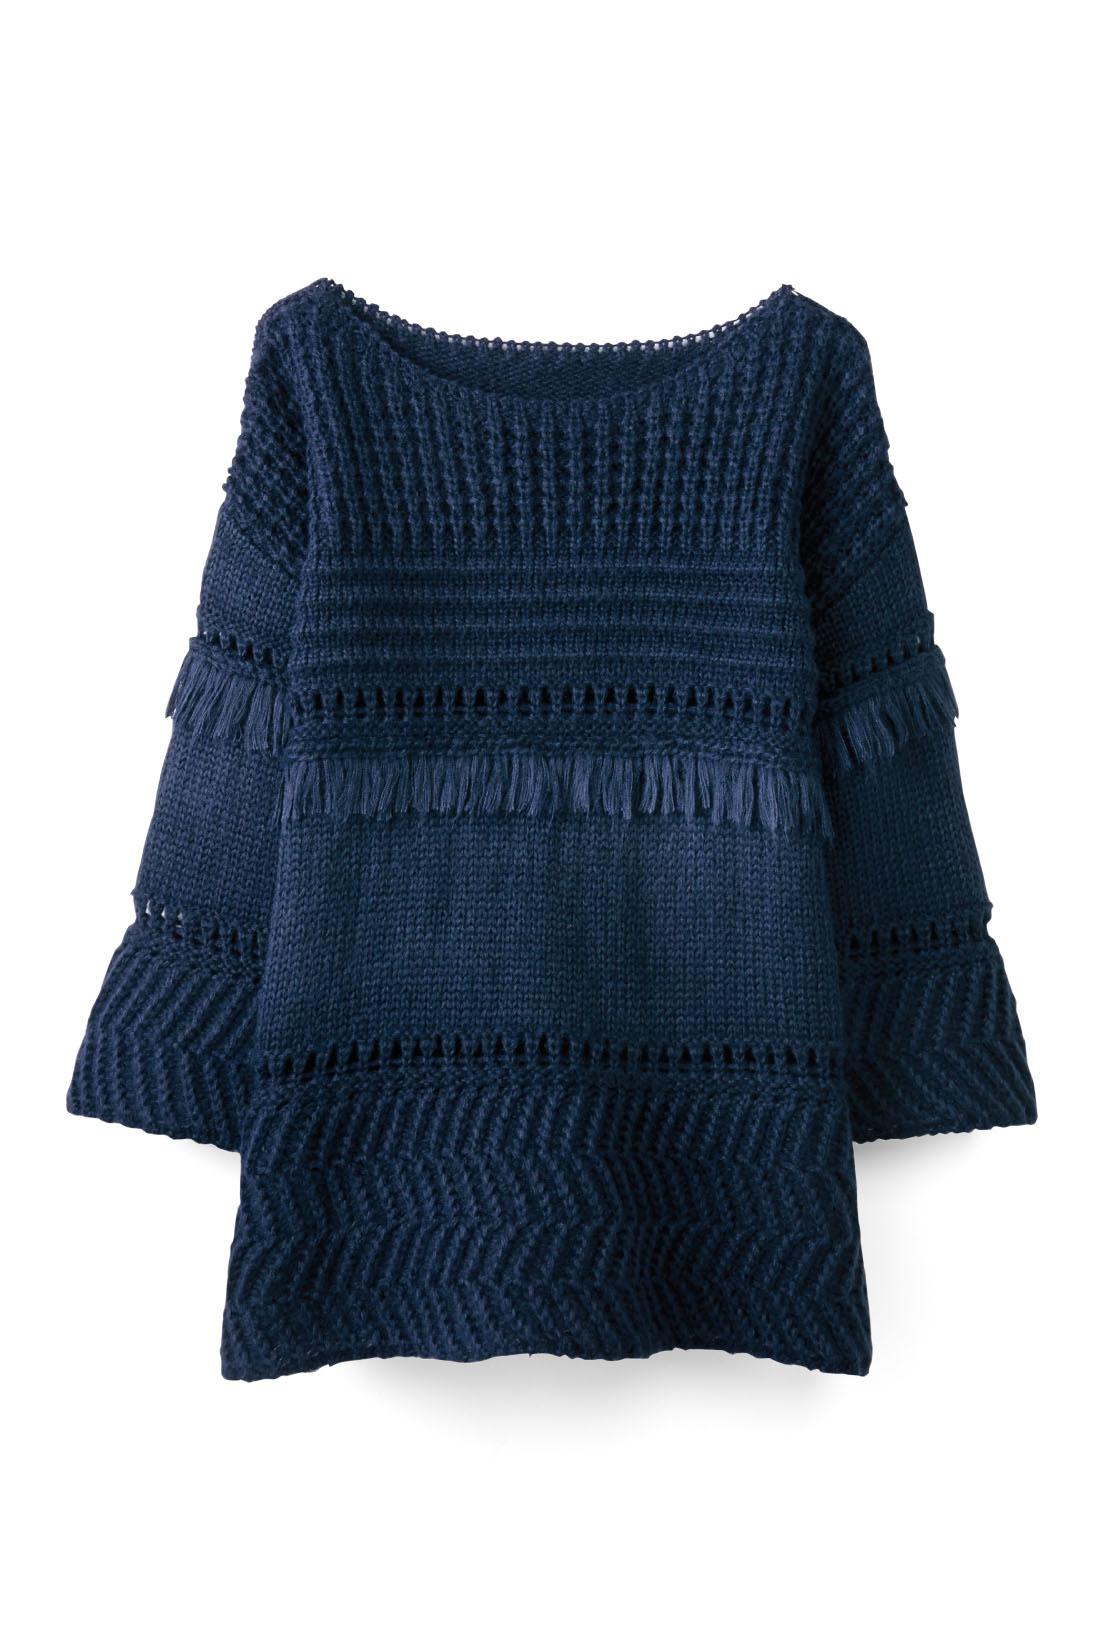 ふんわりした糸で編んだやさしげな風合いと腰にかかる丈感は、スカートとも好相性。足もとはバレエシューズで軽やかに。